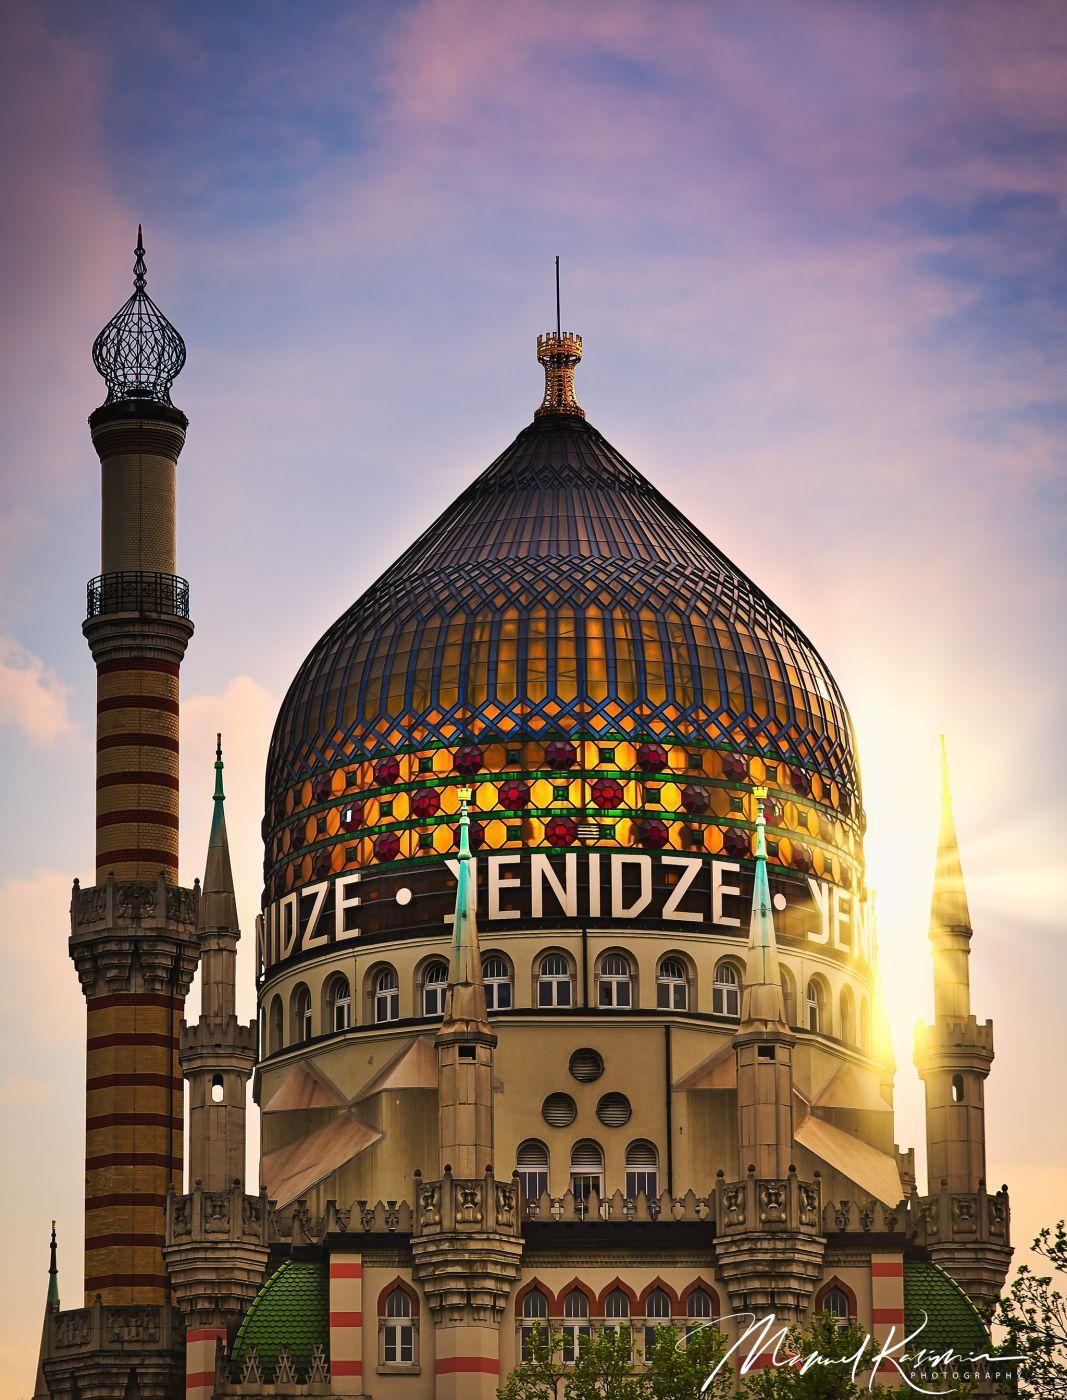 Yenidez, Germany